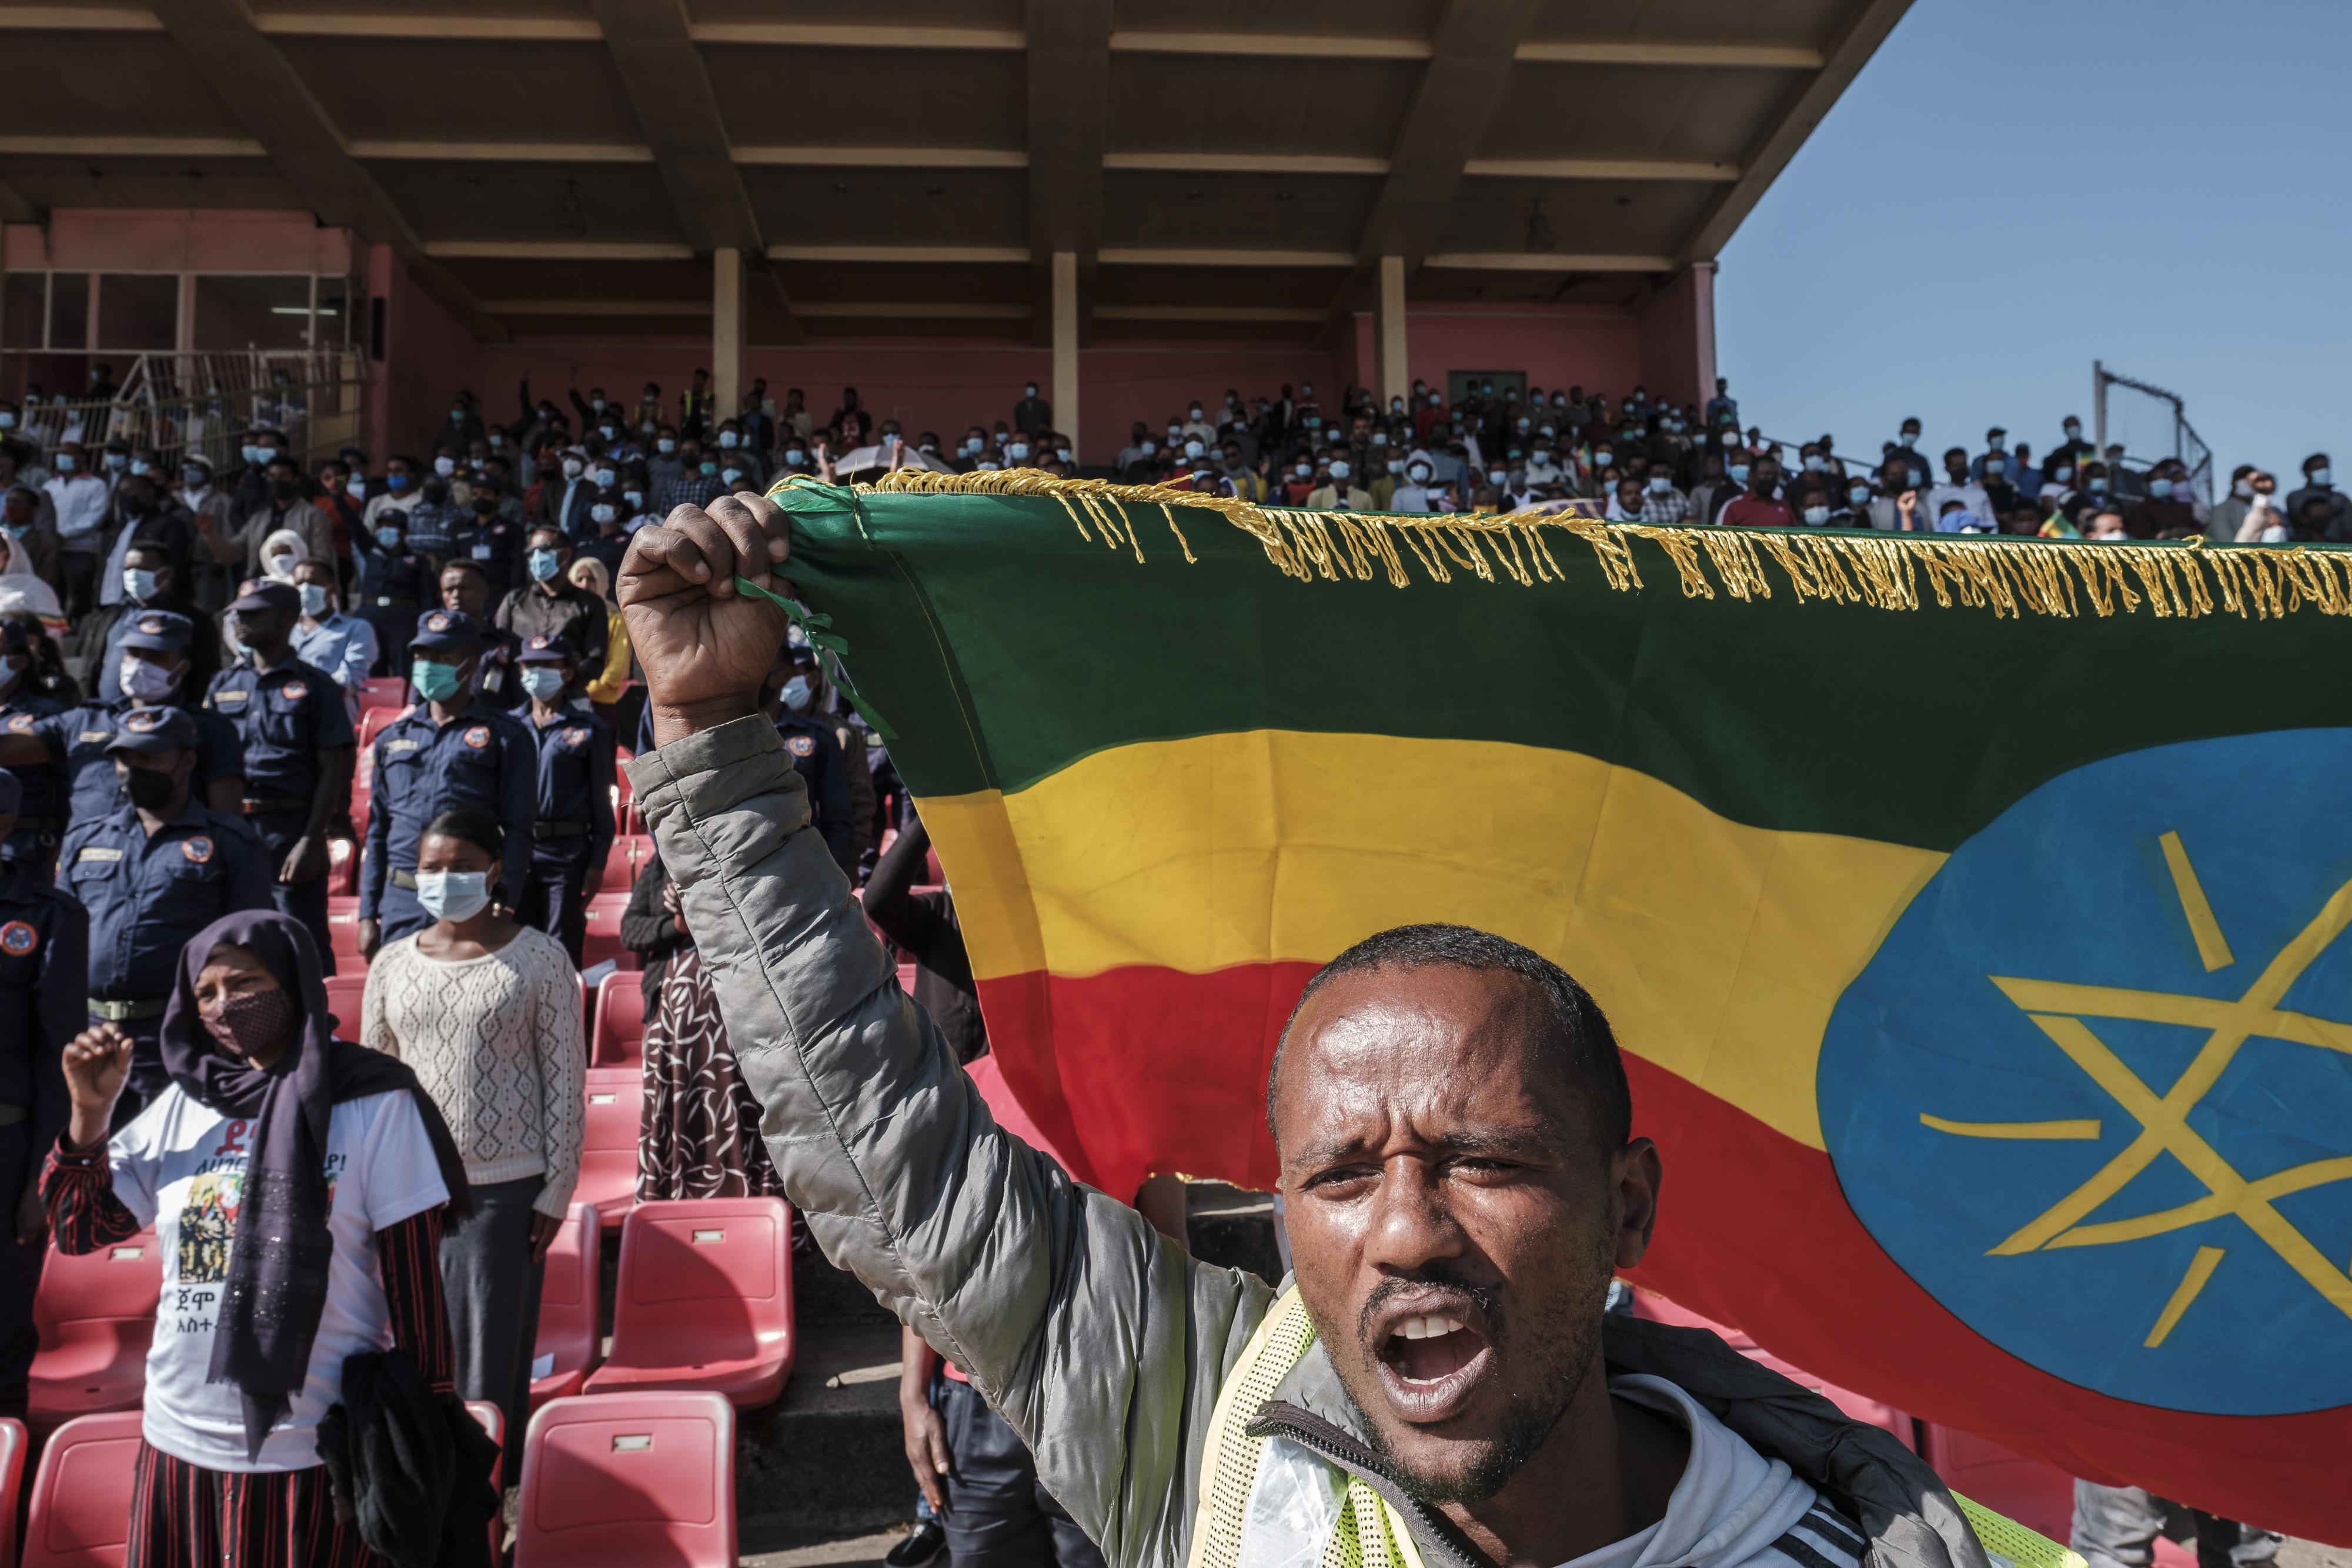 Több száz embert mészárolhattak le a polgárháború szélére sodródott régióban Etiópiában